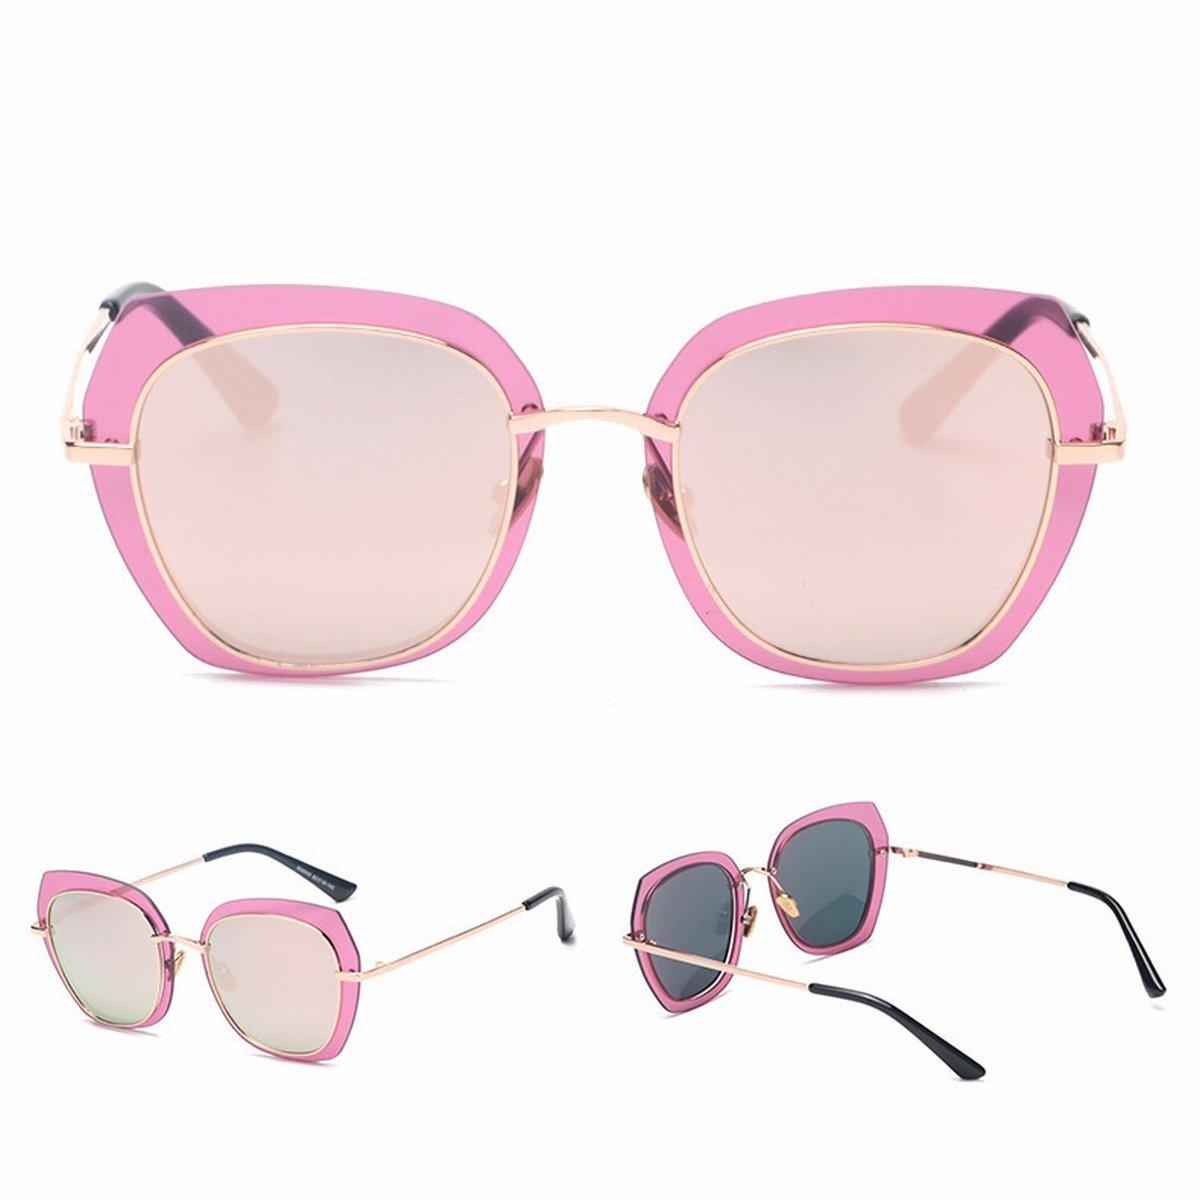 2 Transparente Grenze Farbe Linse Hit Farbe Sonnenbrille Platz Unisex Go Show Sonnenbrille Runde Gesicht Goldrahmen Grau Graue Platte CKx8L